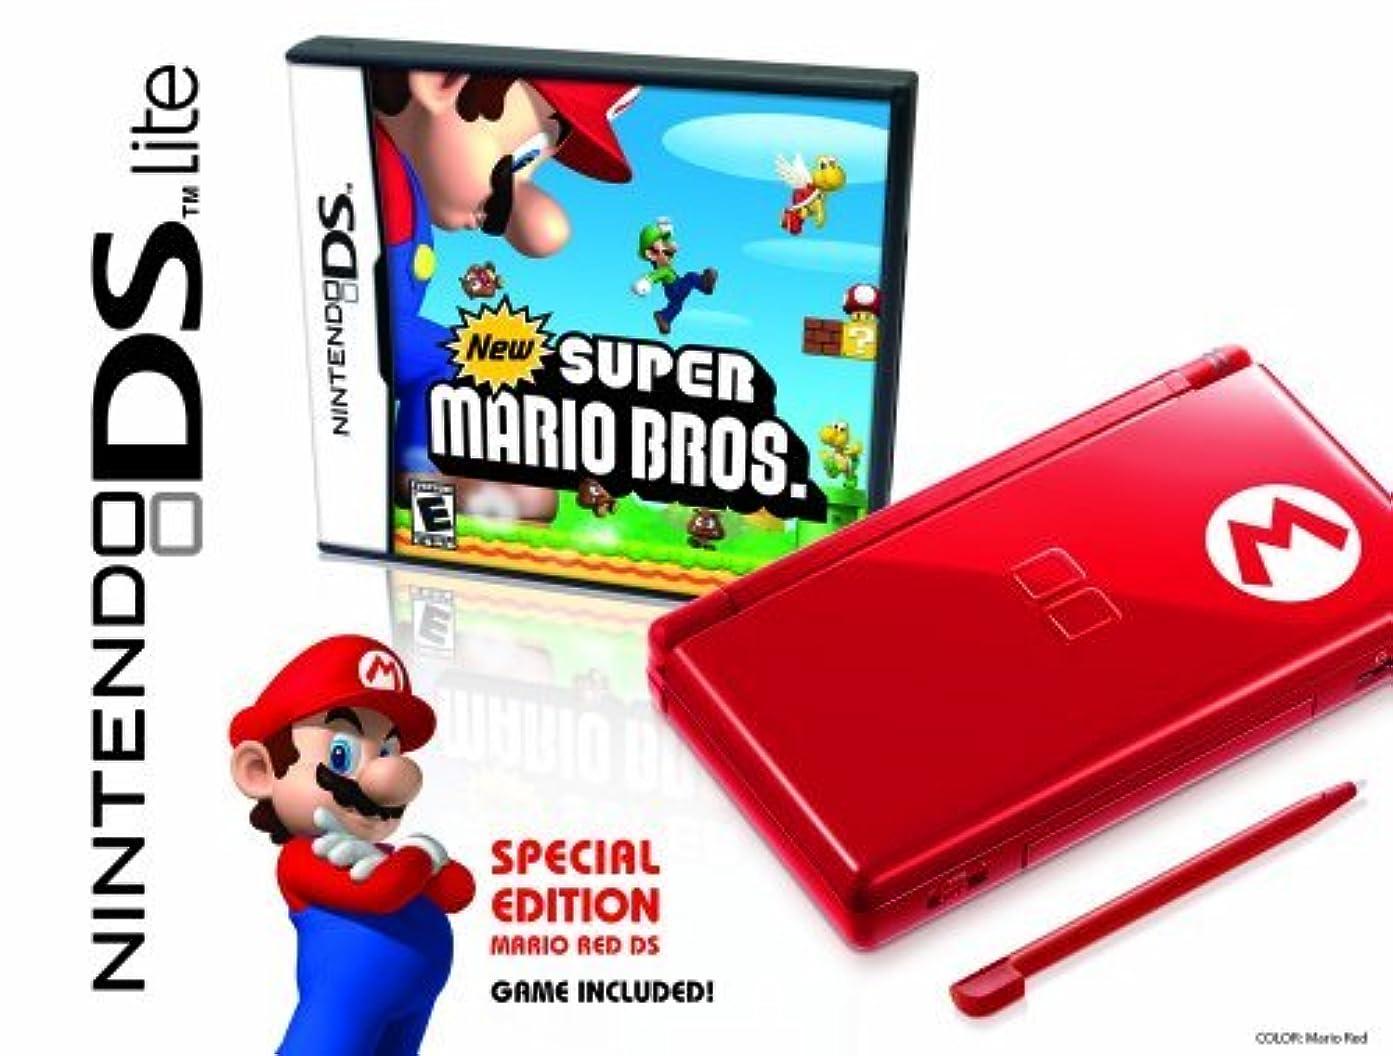 うめきアーティキュレーション破壊的なNintendo DS Lite Limited Edition Red Mario with New Super Mario Bros. by Nintendo [並行輸入品]